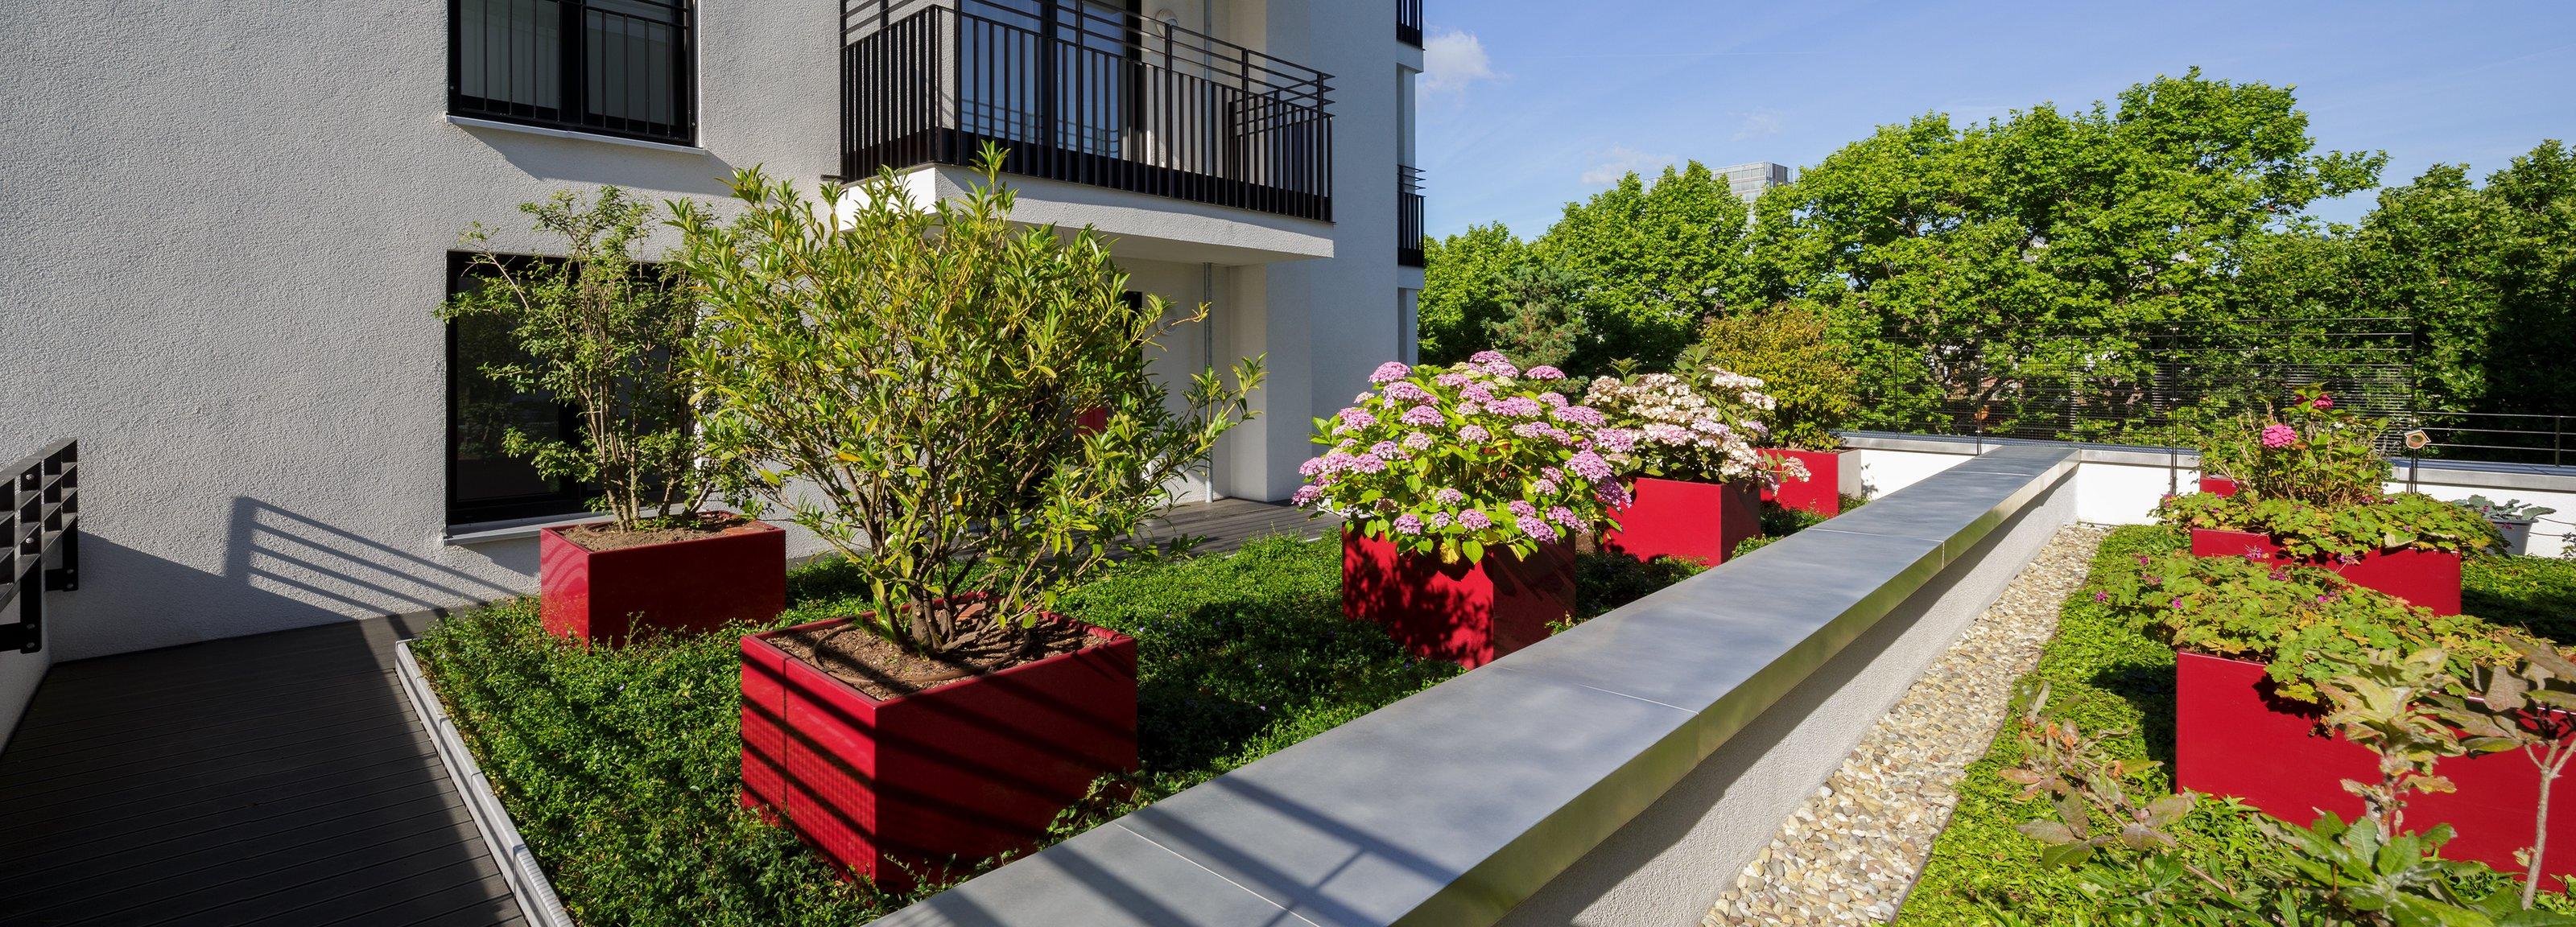 Dachgarten in der Stadt – Mit der Kompetenz von Optigrün